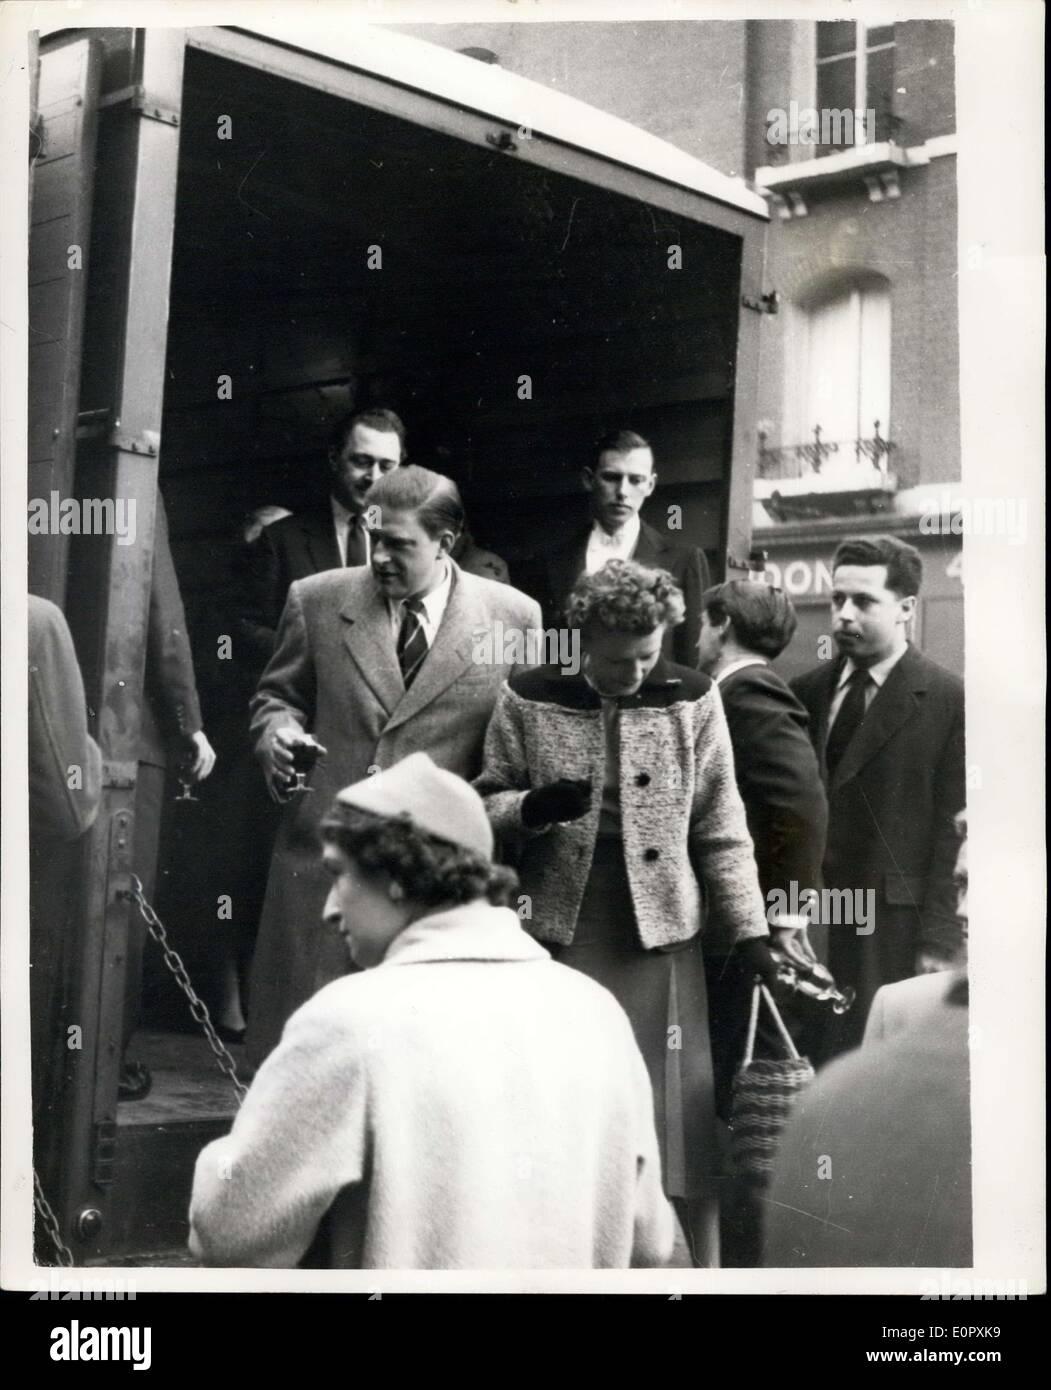 12 avril 1957 - Le cousin de la Reine va dans Rock' à une fête fantastique sur une rame de métro: La smart set est allé sous terre la nuit dernière et secoue sans arrêt autour du cercle intérieur route de Charing Cross à Charing Cross, ils compétents et, secoué par ther Euston, Kings Cross, Faringdomn, et Edware-route, et le prix de la tour ronde a été deux shillings. Que wha~chacune des 75 personnes - y compris le cousin de la Reine, le député Photo Stock